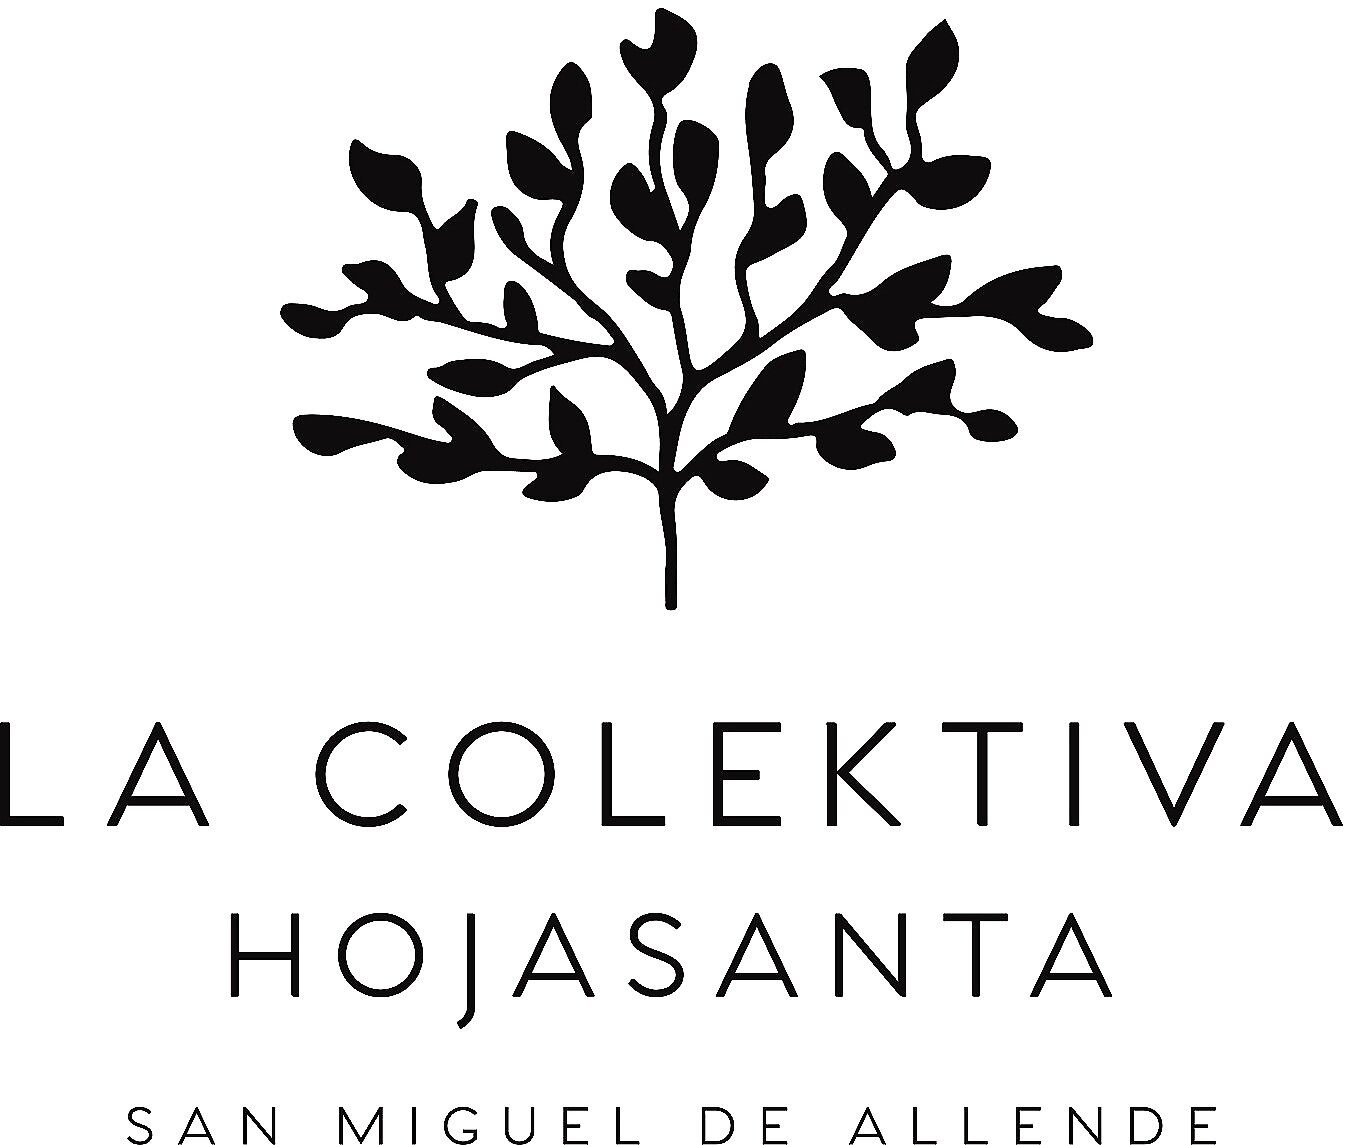 fbf39423c1ab PRENSA   MEDIOS — Hoja Santa Boutique